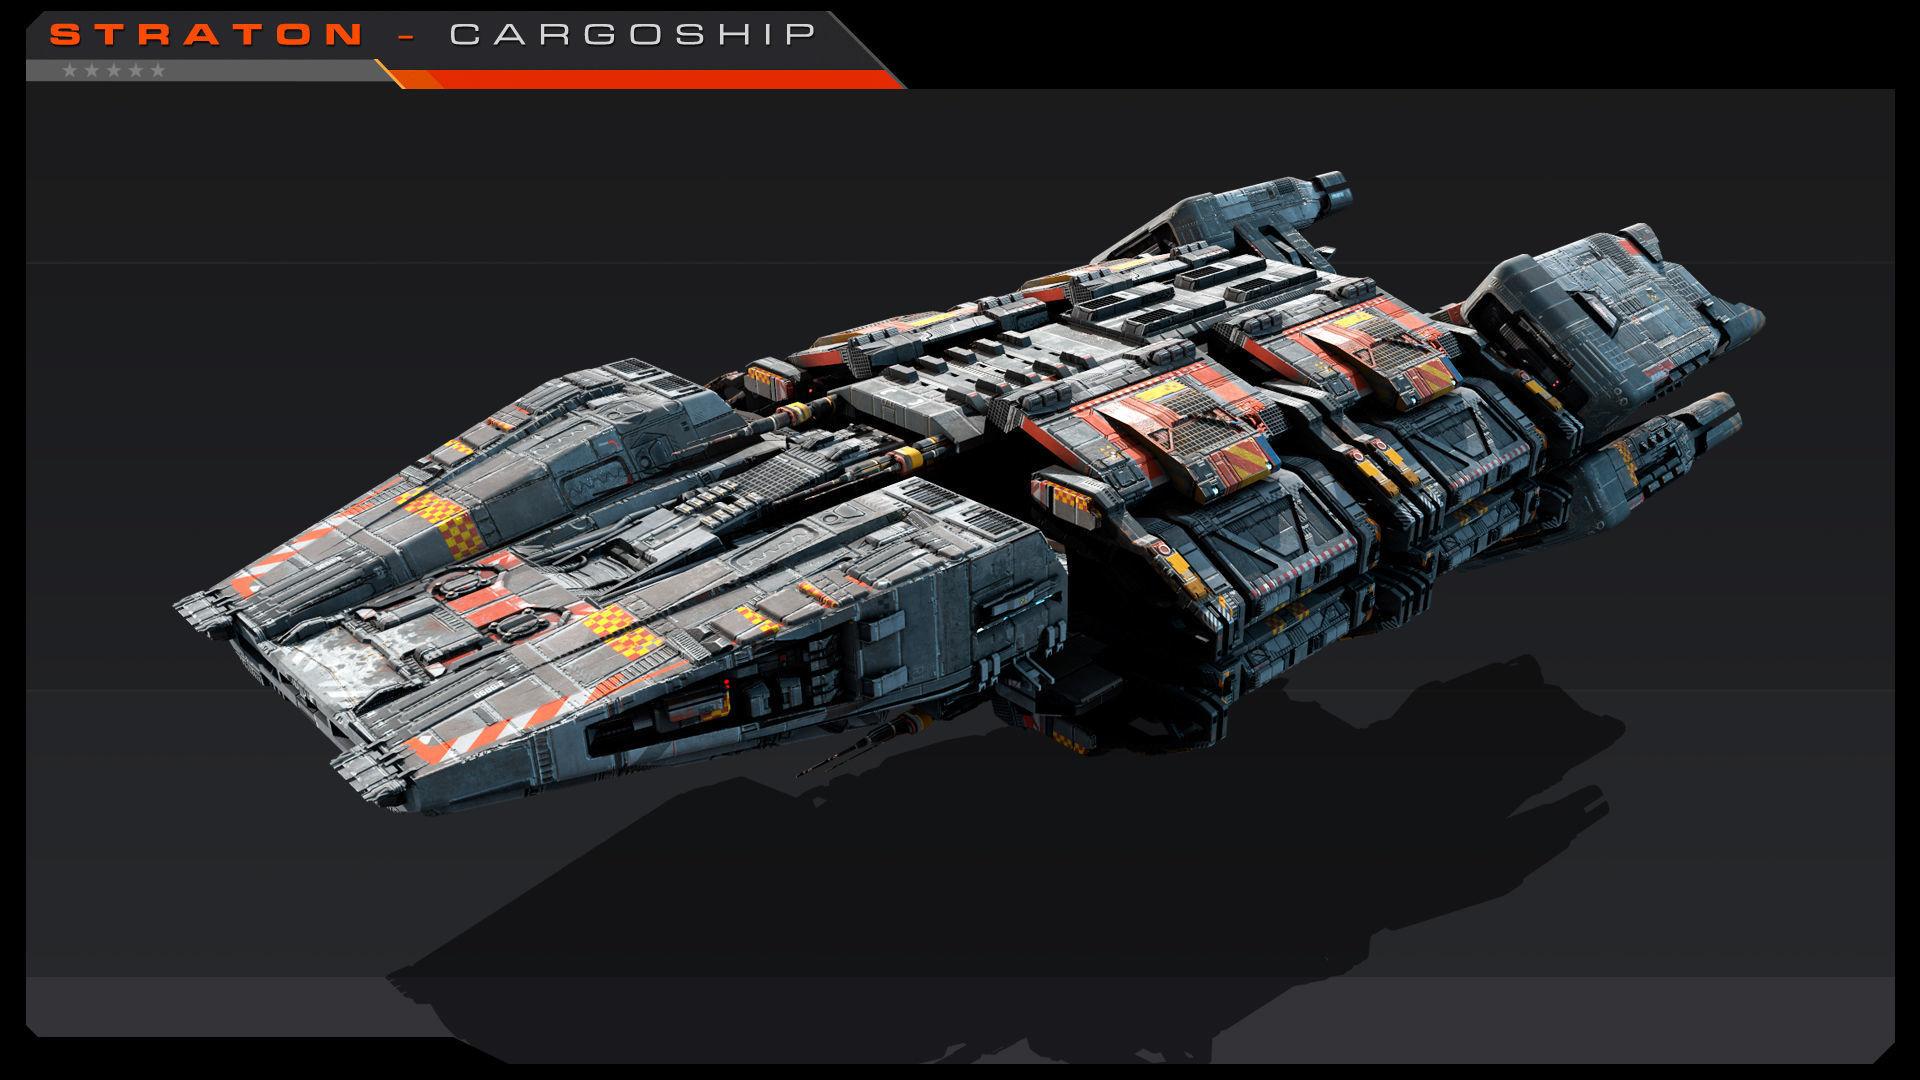 STRATON - CargoShip